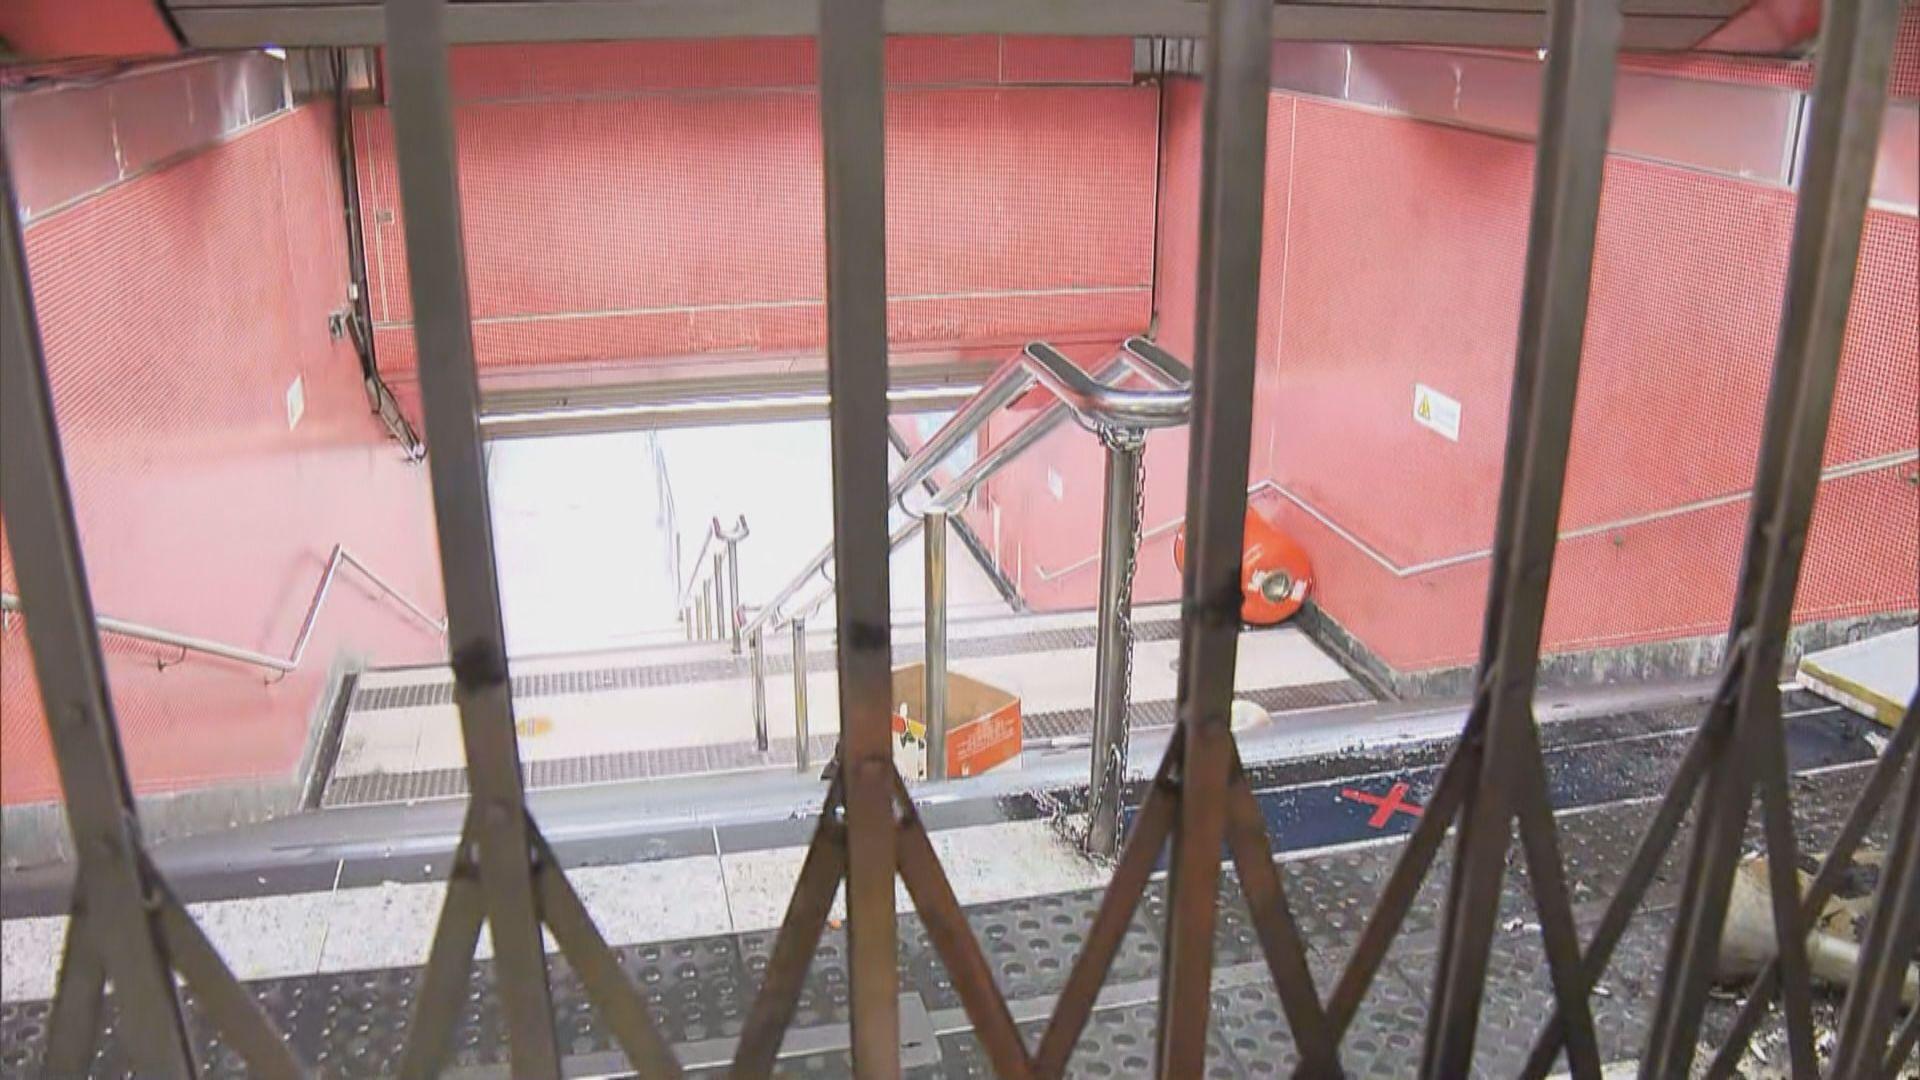 【831半周年】警拘逾110人 旺角站部分出口仍封閉